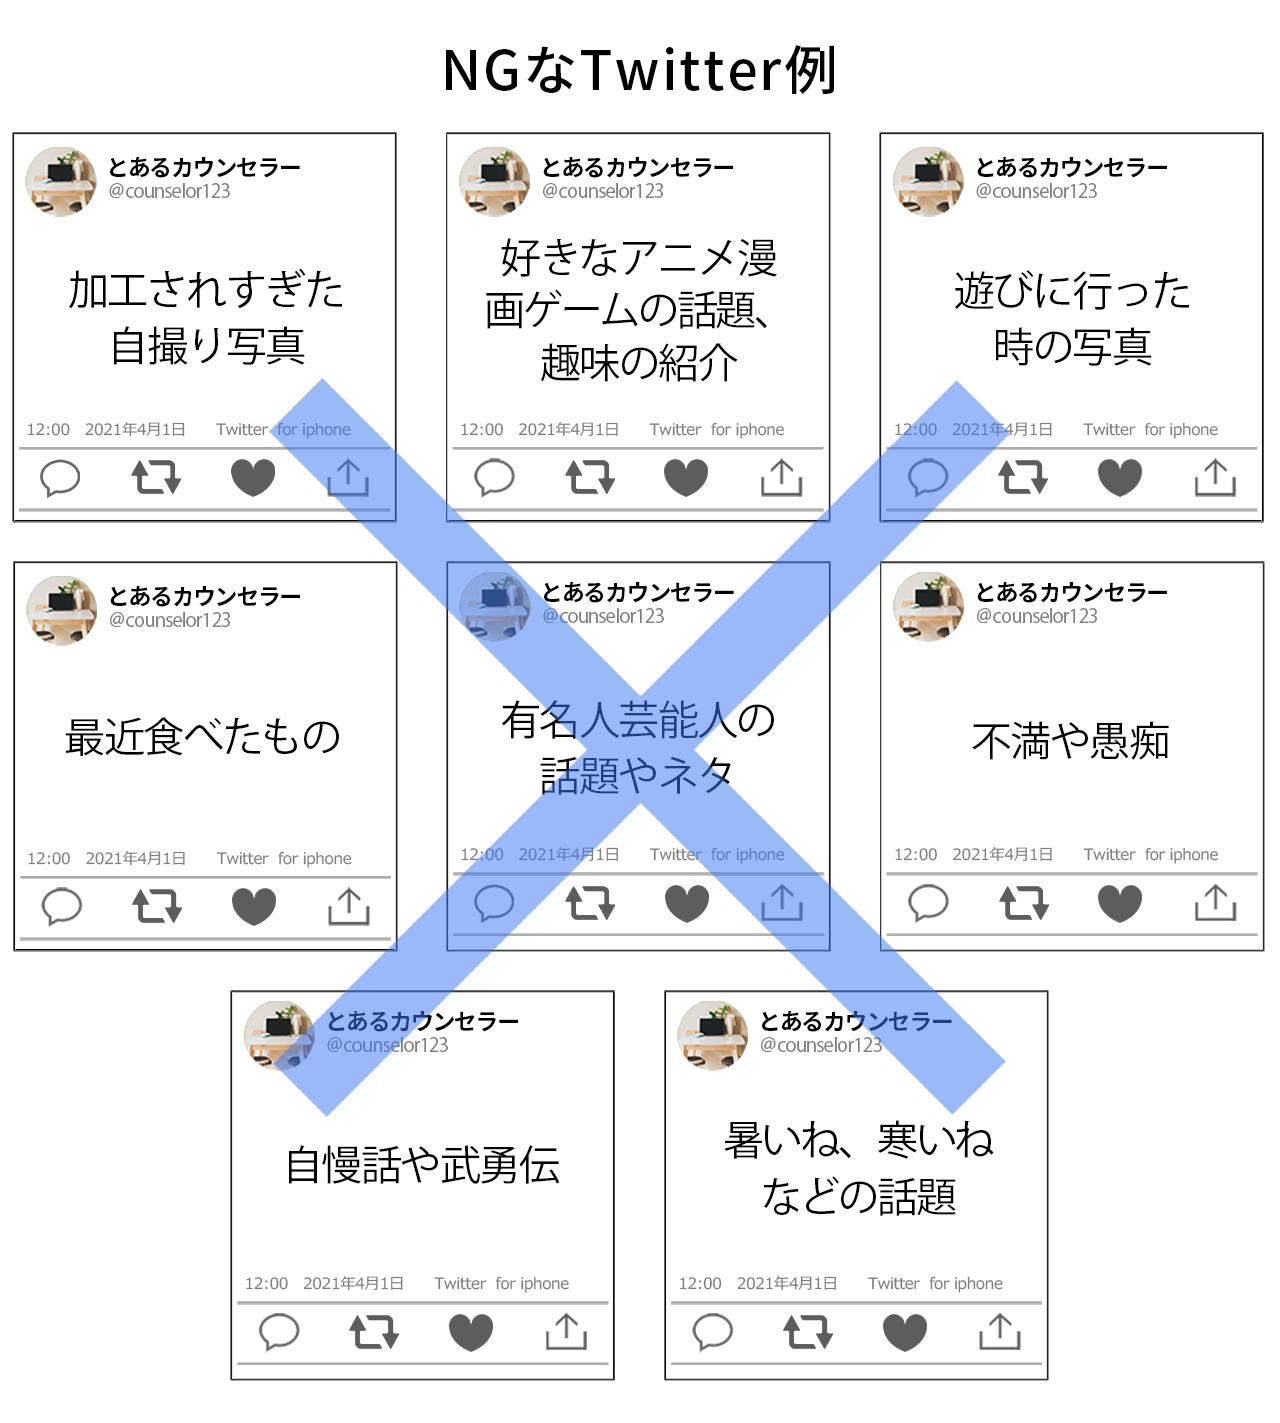 NG twitter